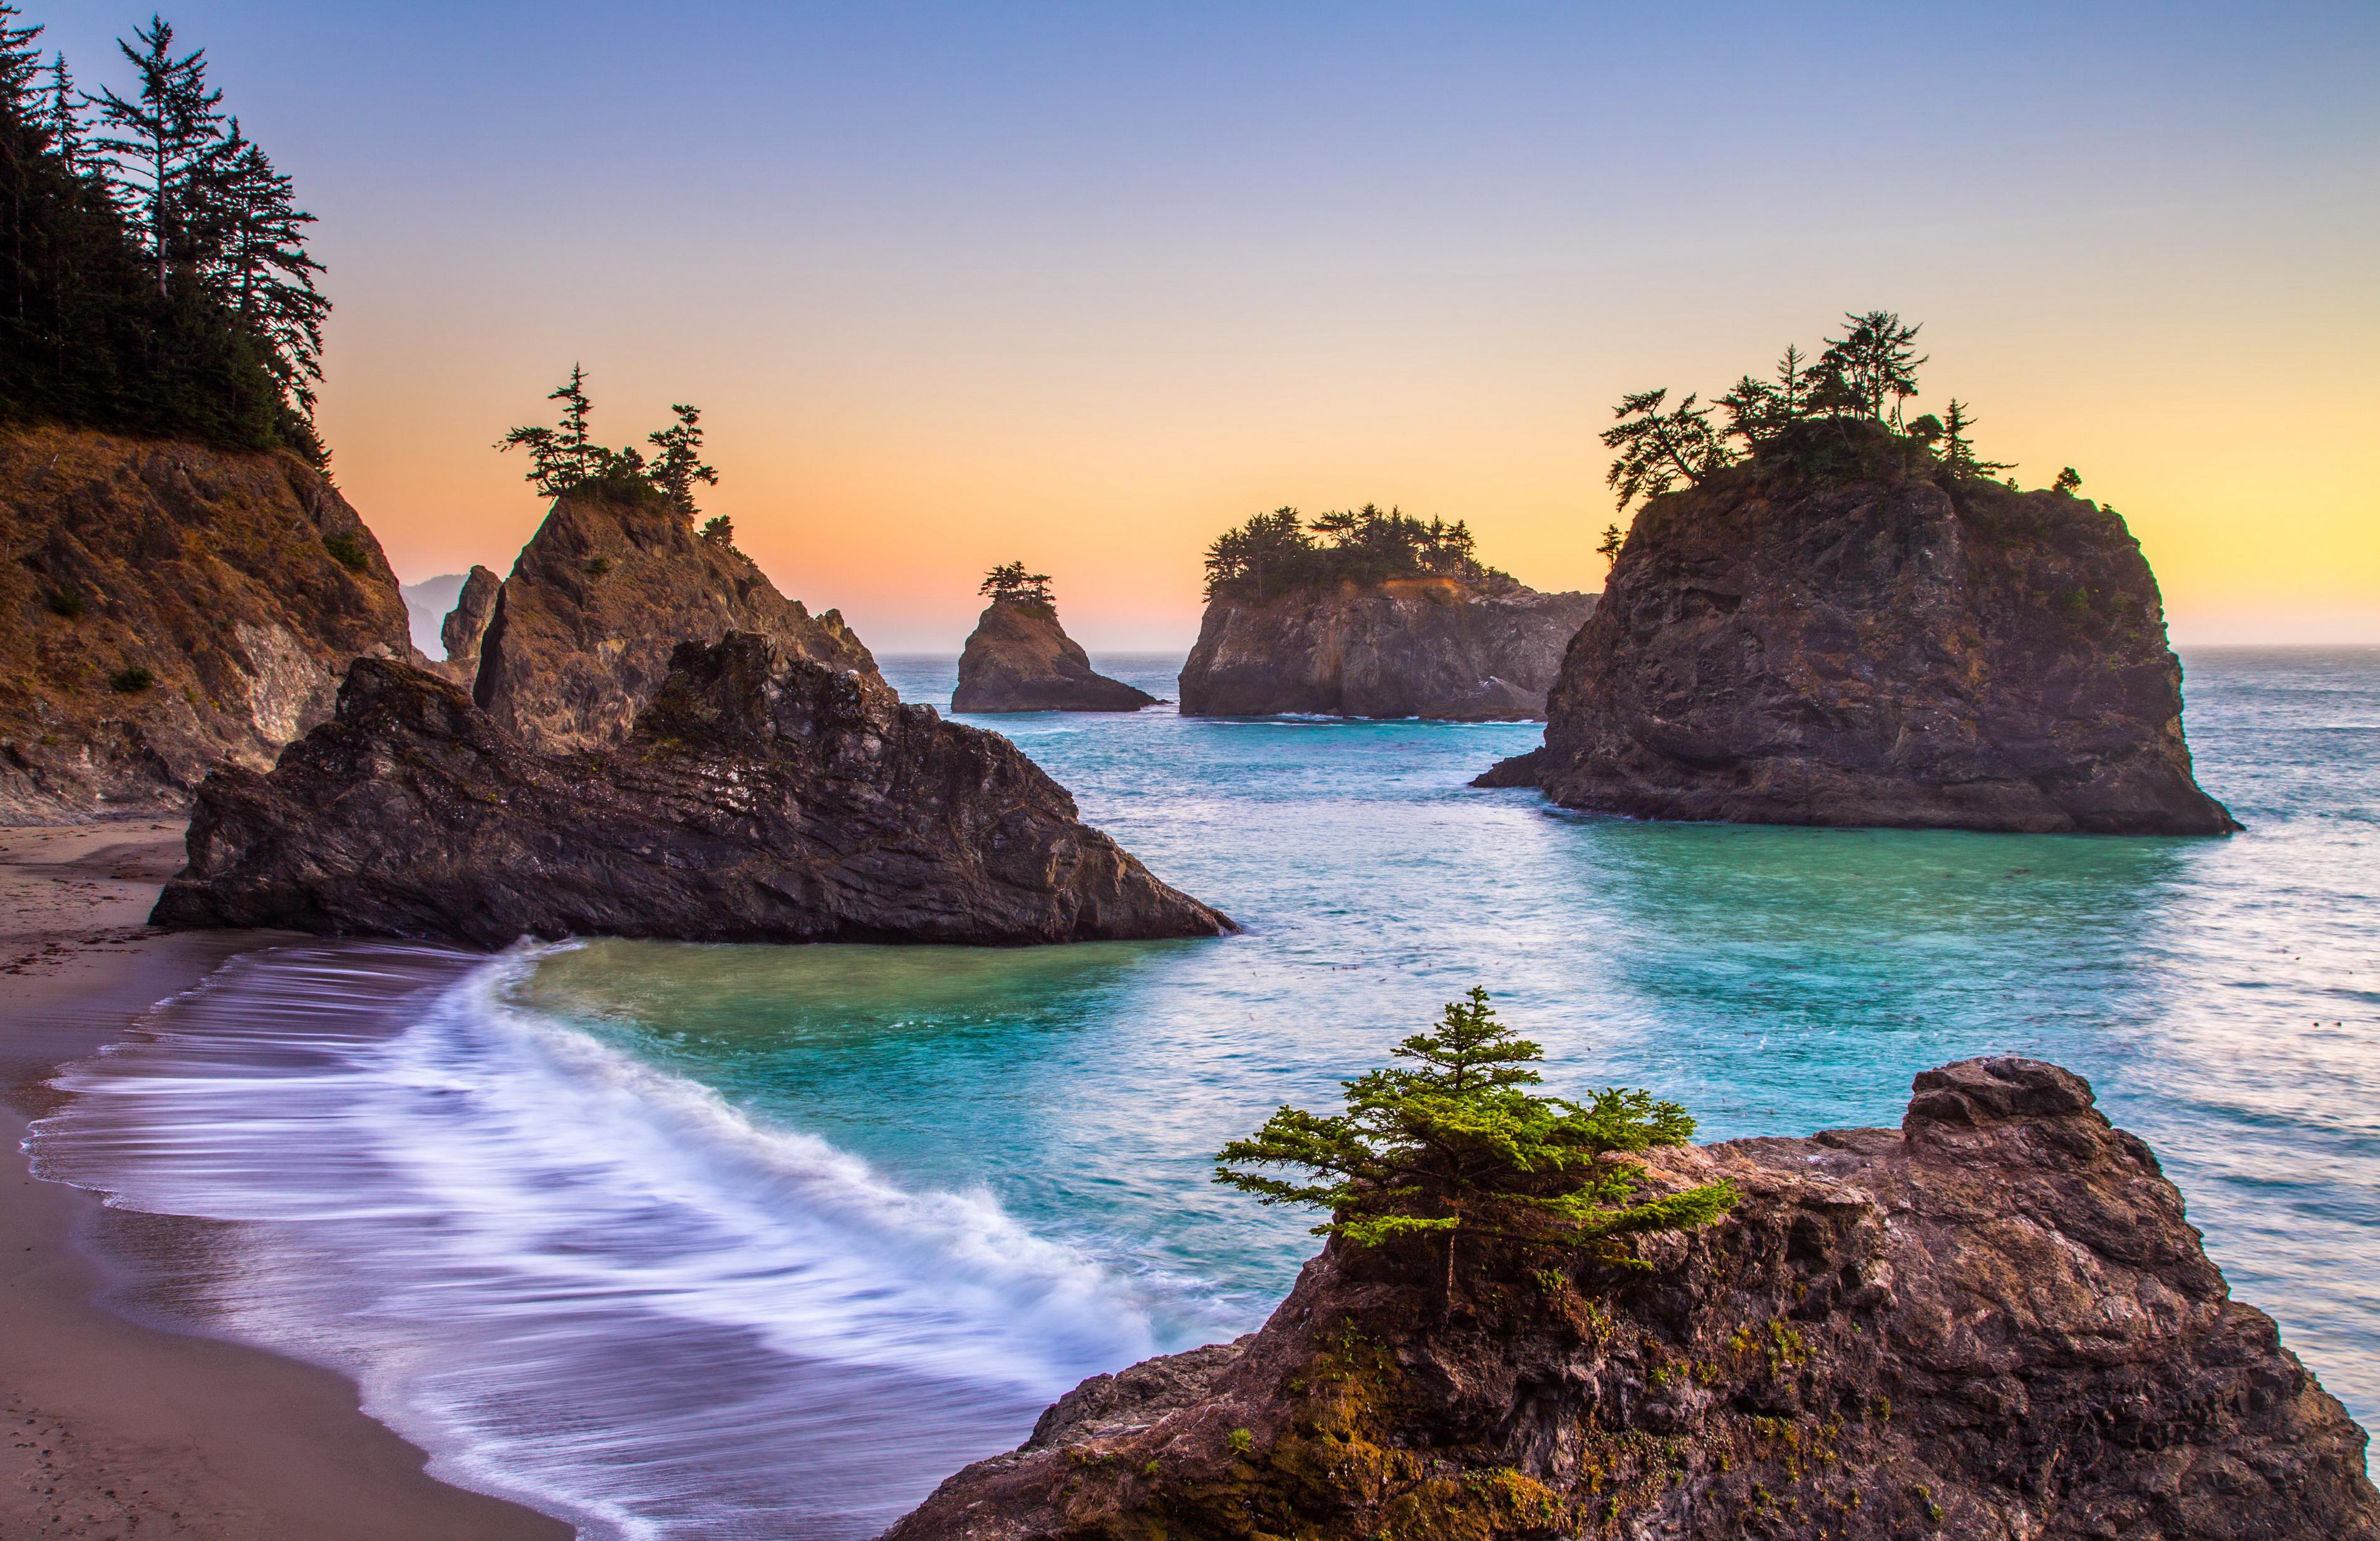 Oregon Wallpapers Hd: Coast Of Oregon HD Wallpaper